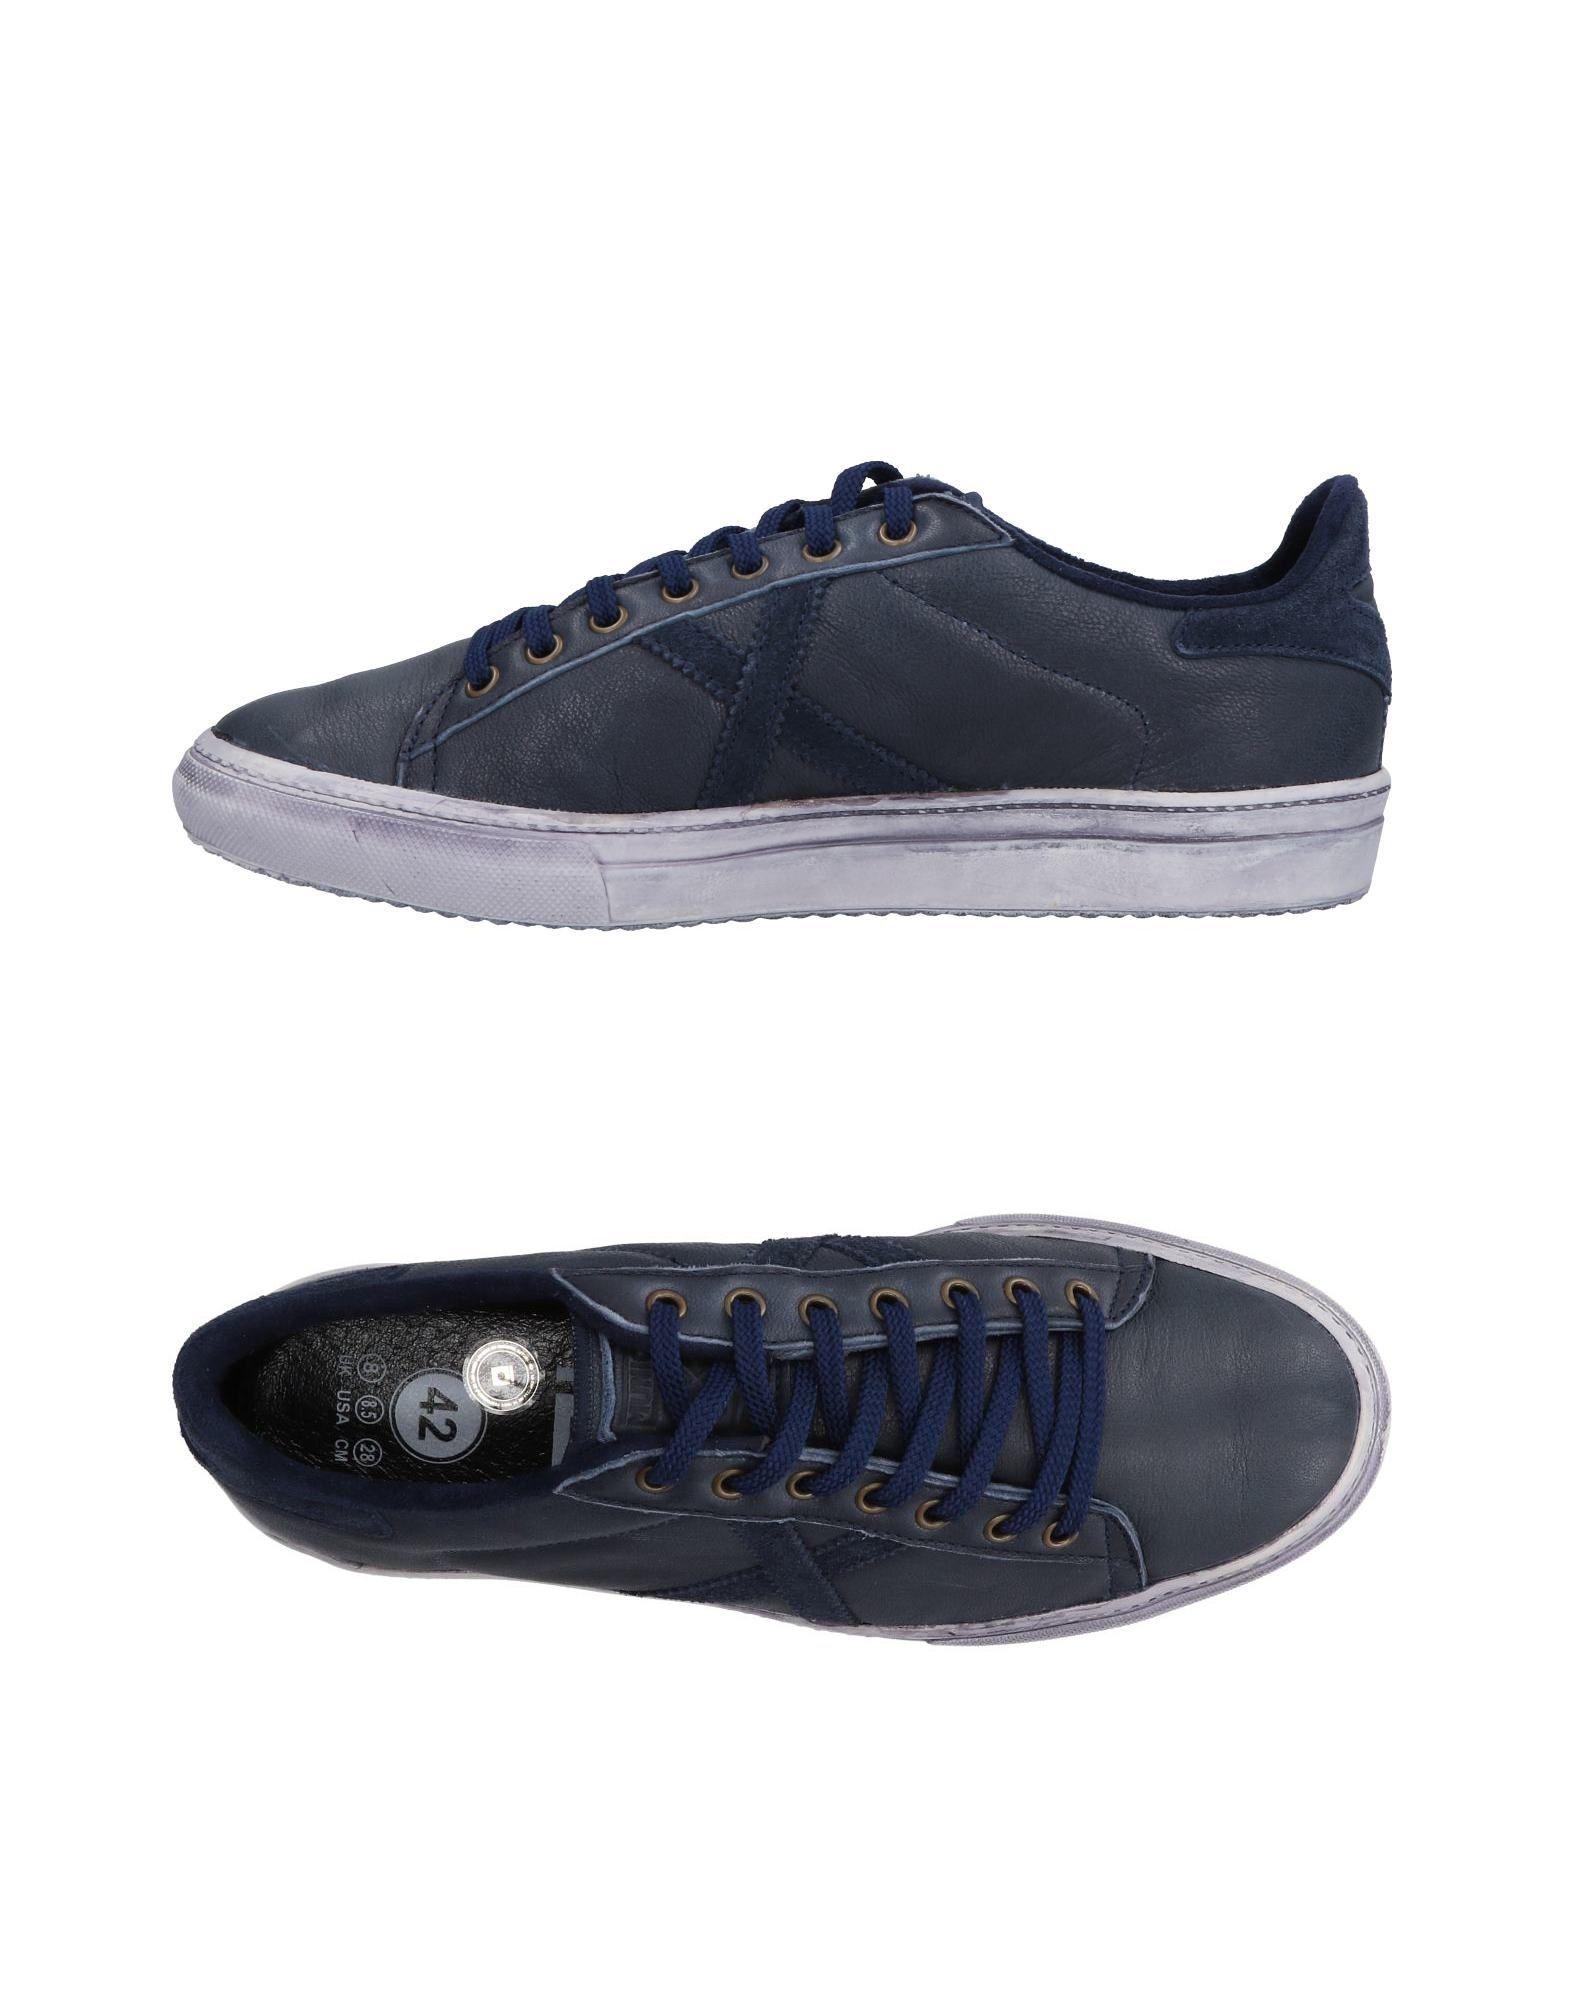 Sneakers Munich Uomo - 11490980PN Scarpe economiche e buone